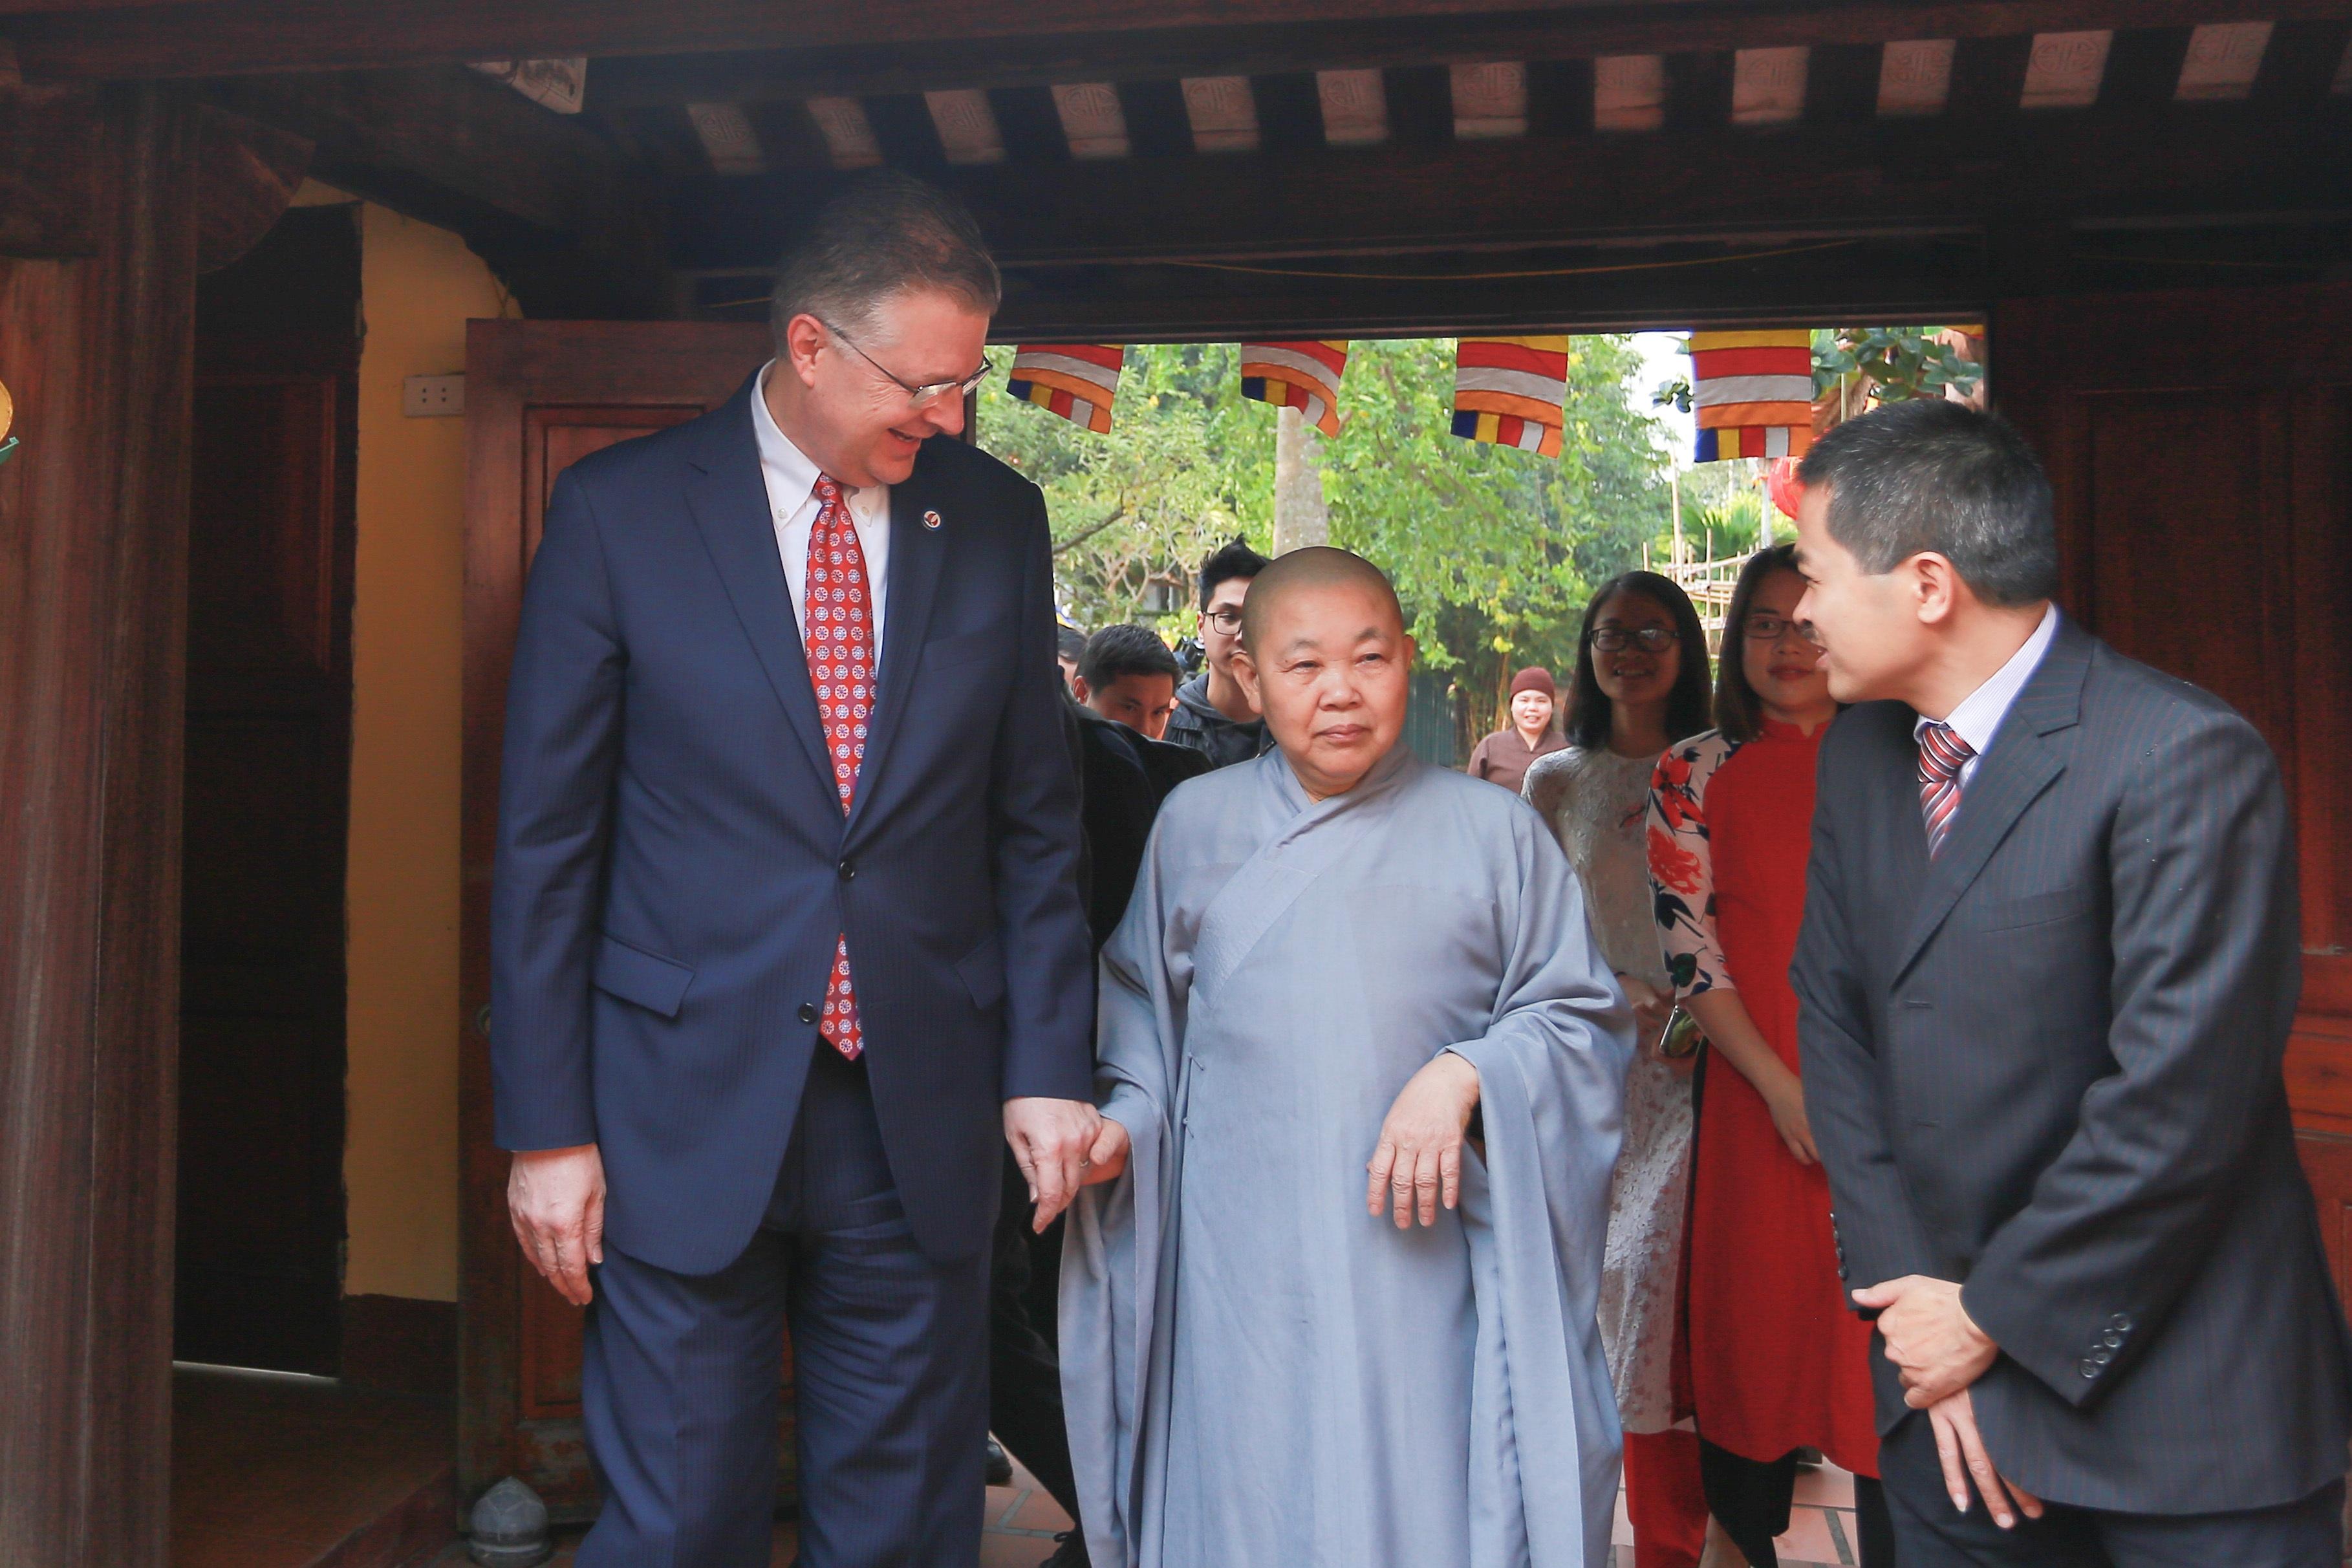 Đại sứ Mỹ thả cá chép, chúc mừng năm mới bằng tiếng Việt - 1